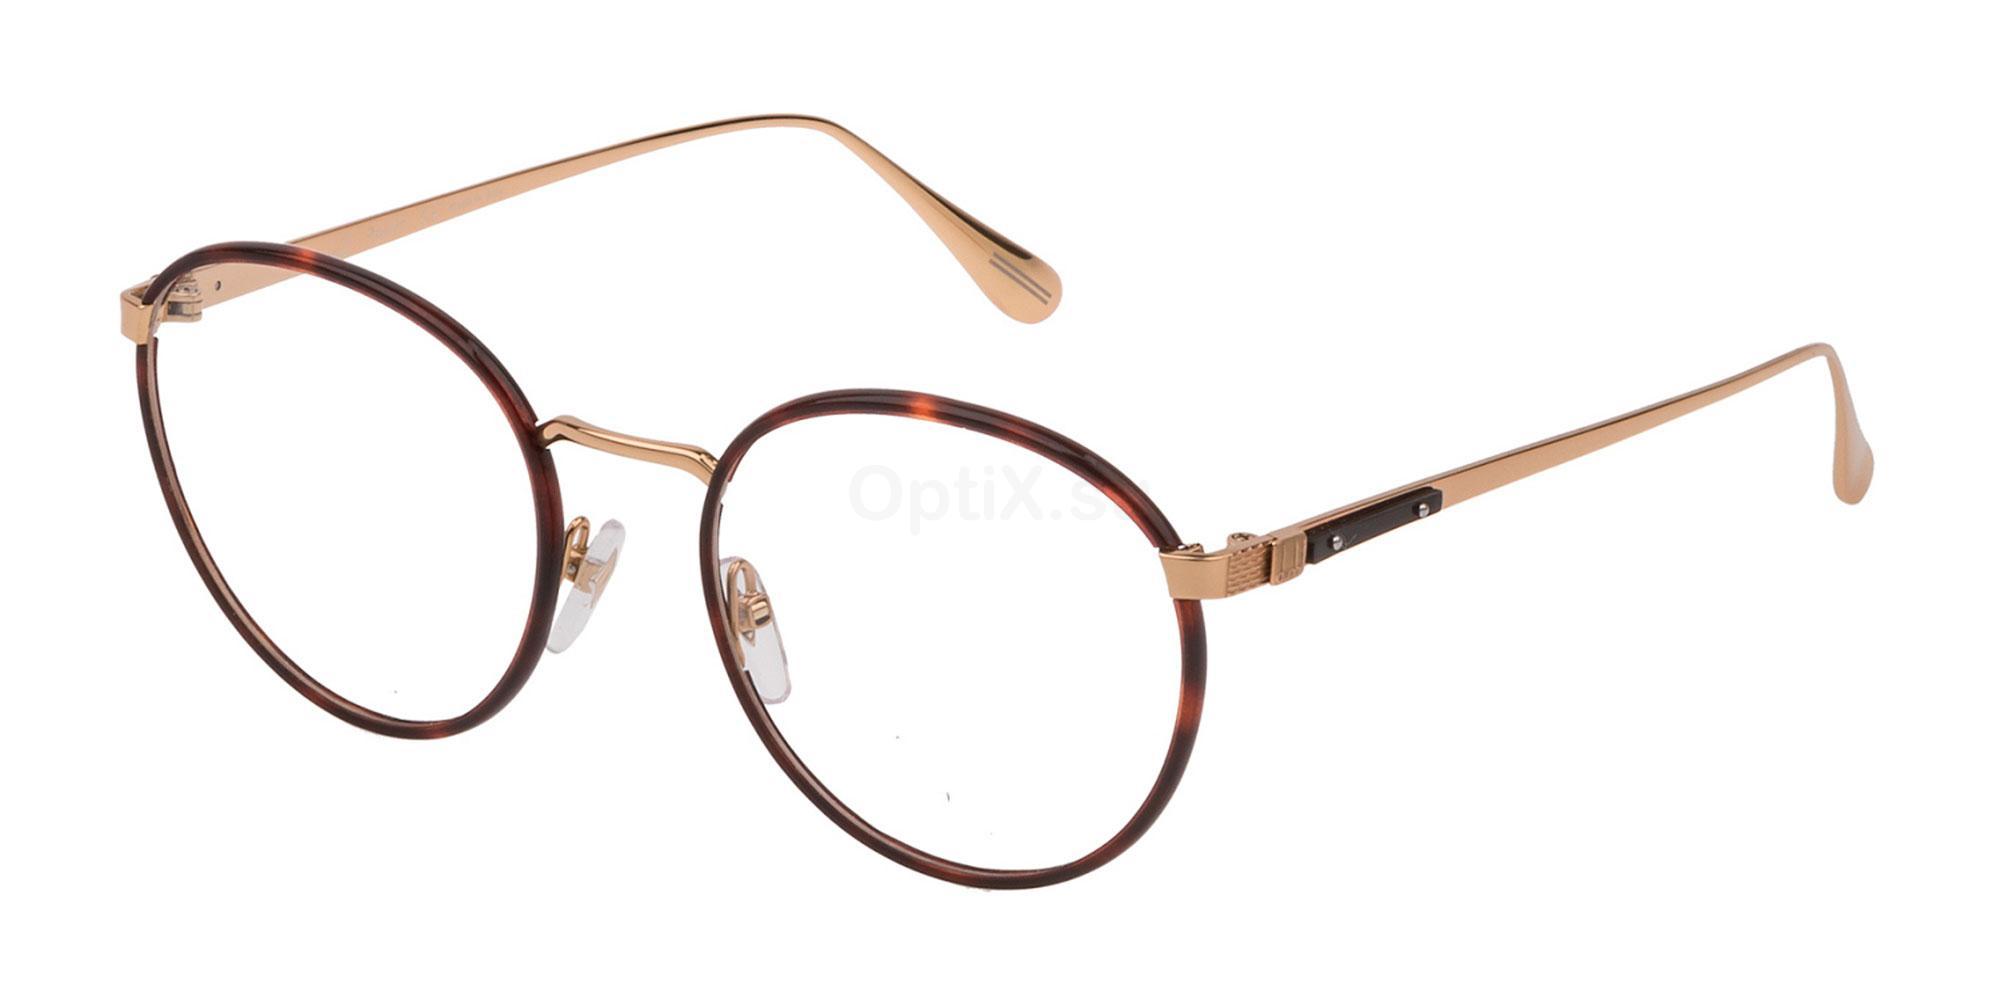 0300 VDH152M Glasses, Dunhill London